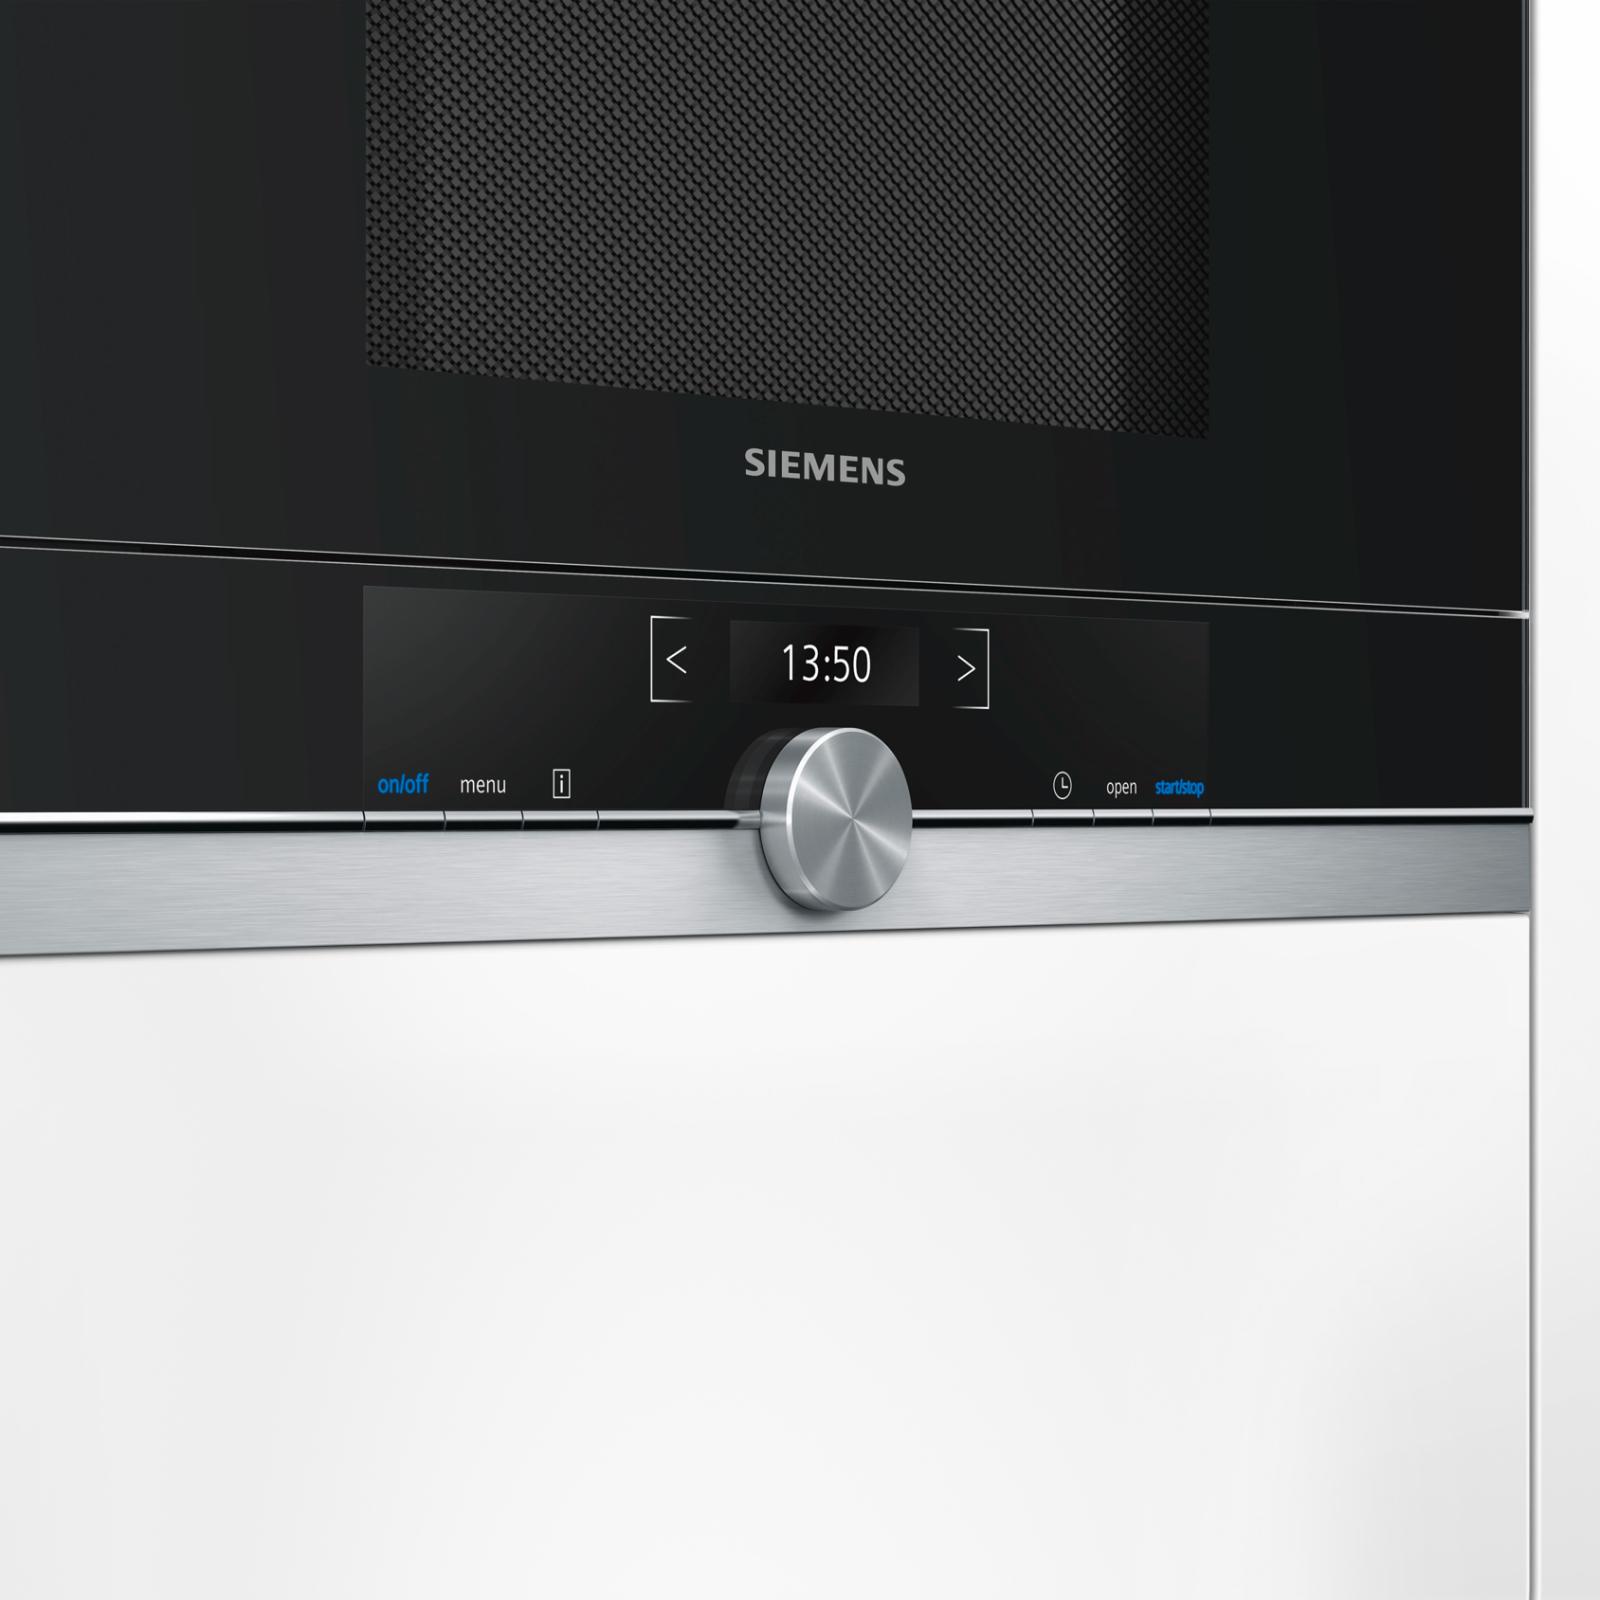 Микроволновая печь Siemens BF 634 LGS1 (BF634LGS1) изображение 2